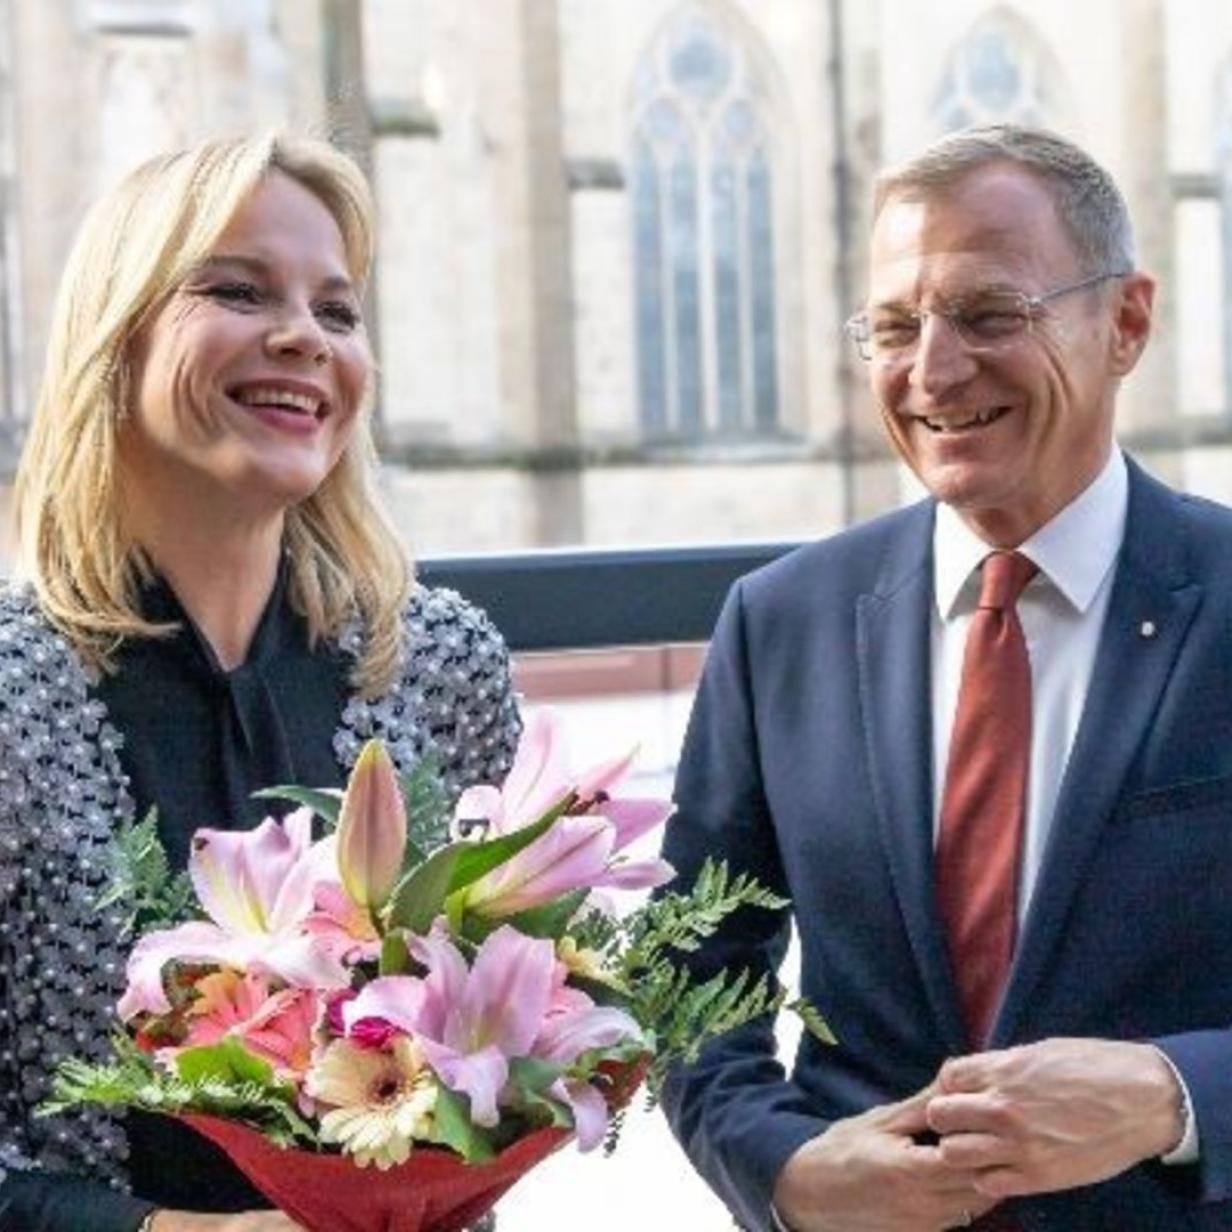 Christliche Singles Spittal An Der Drau, Frau Sucht Frau In